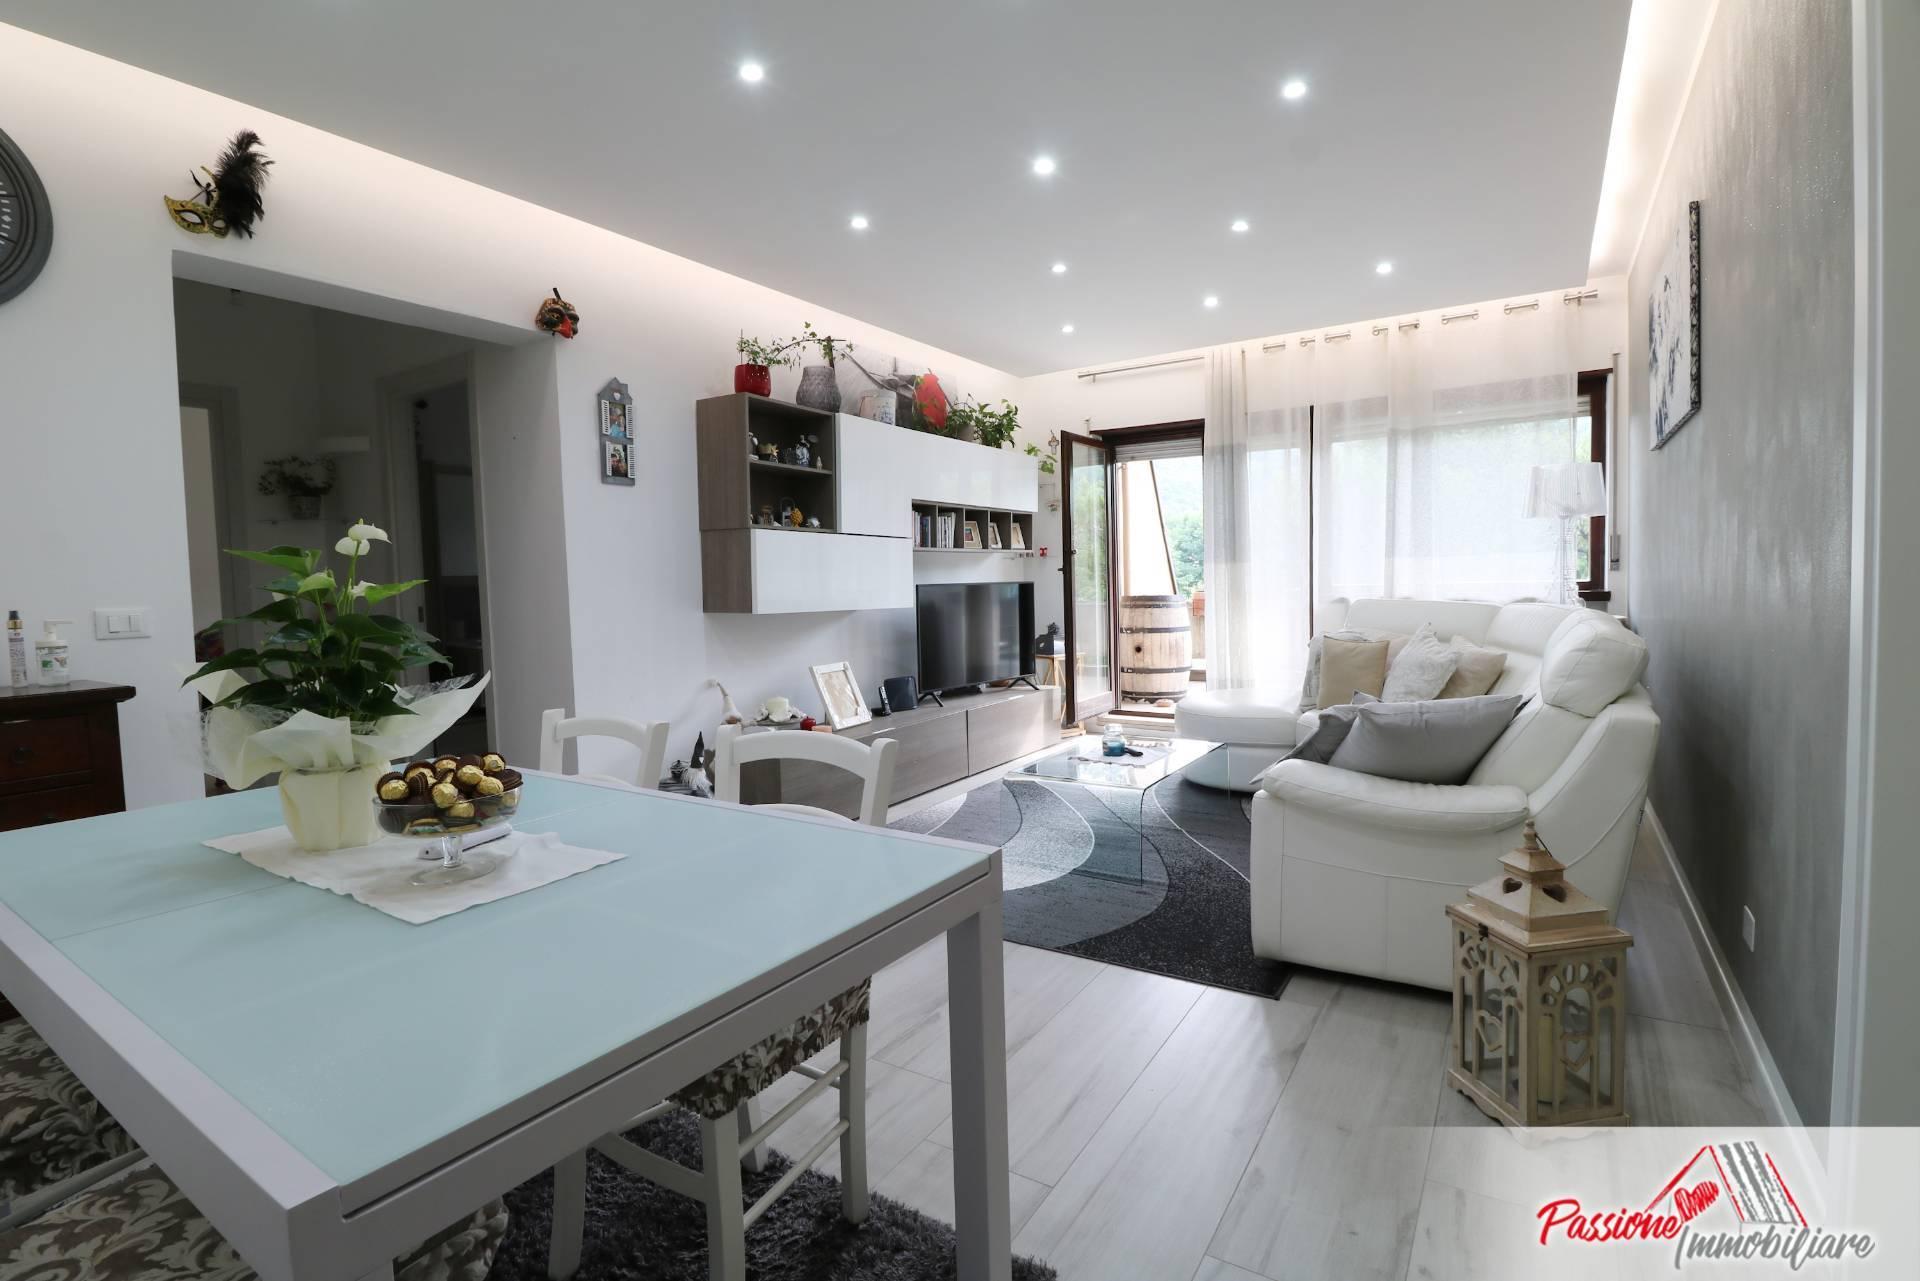 Appartamento in vendita a Verona, 5 locali, zona Località: Parona, prezzo € 312.000 | PortaleAgenzieImmobiliari.it